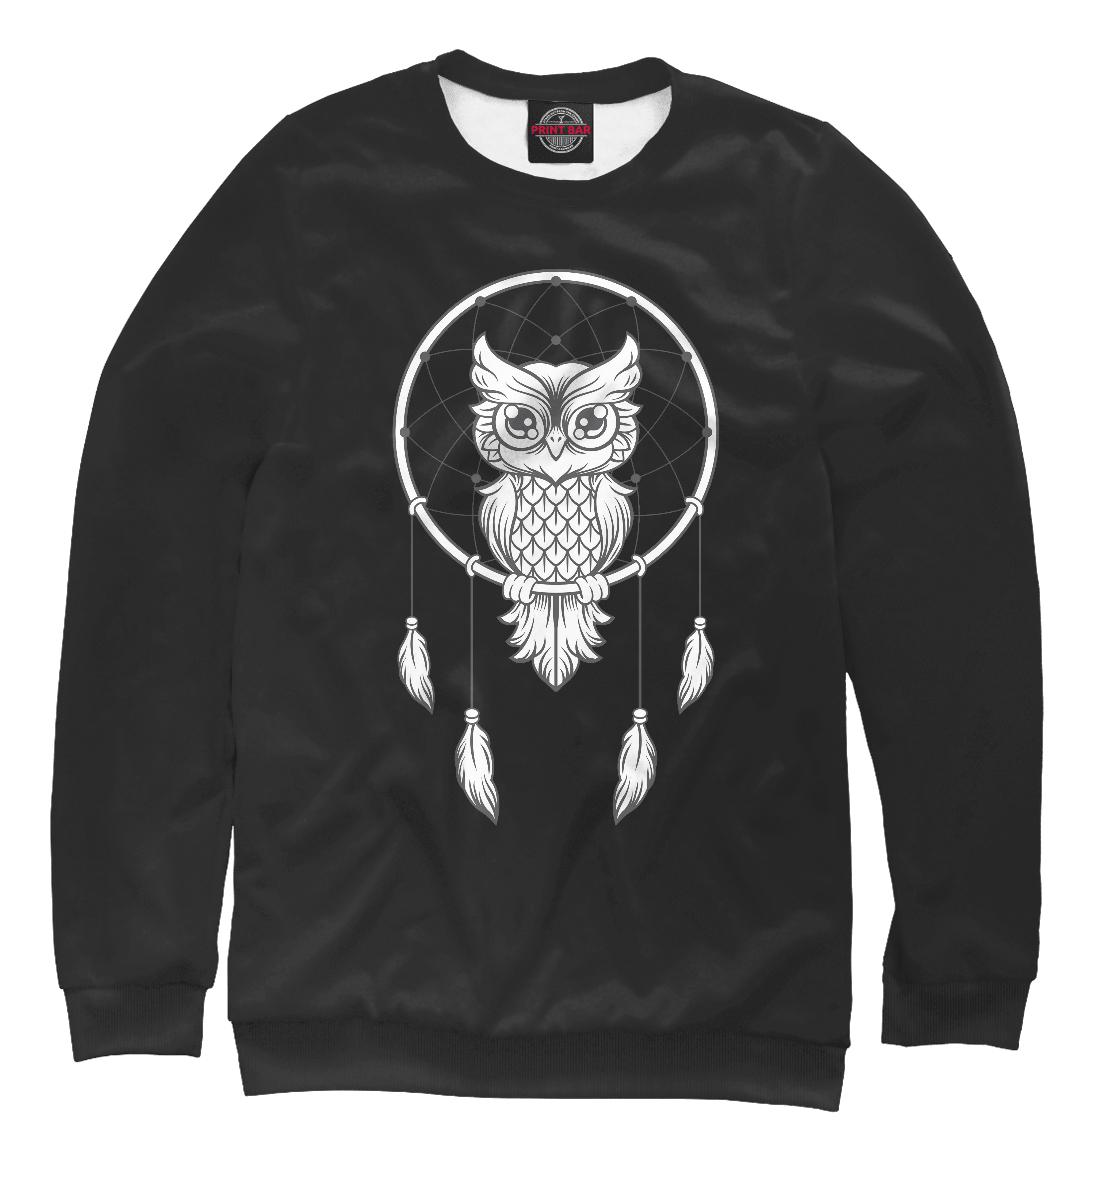 Купить Ловец снов (черный), Printbar, Свитшоты, OWL-738444-swi-1